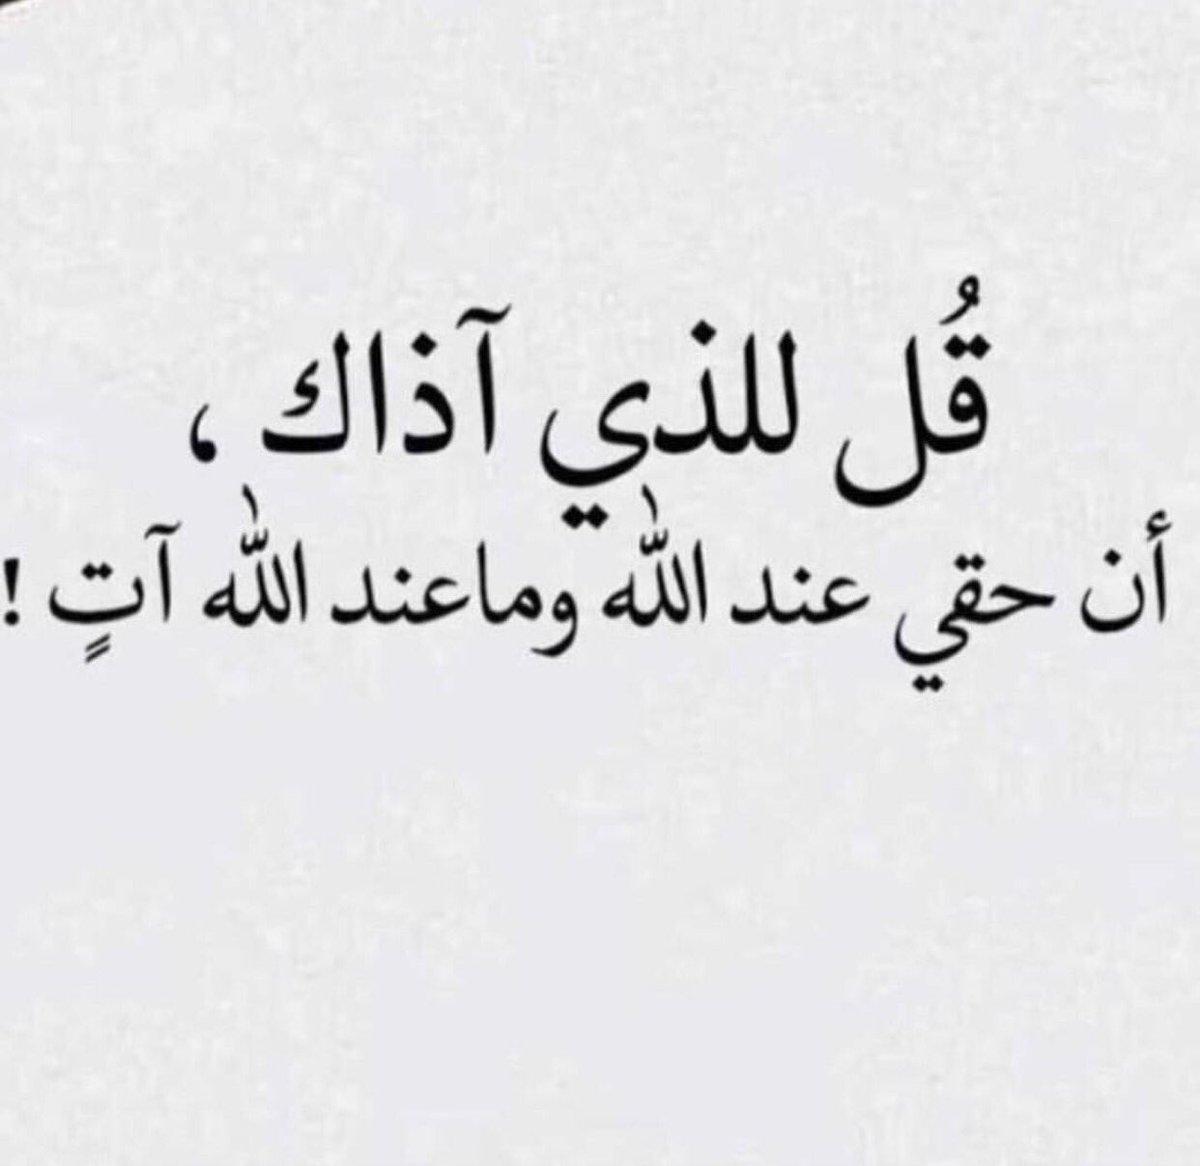 م العنزي Qamooora Twitter